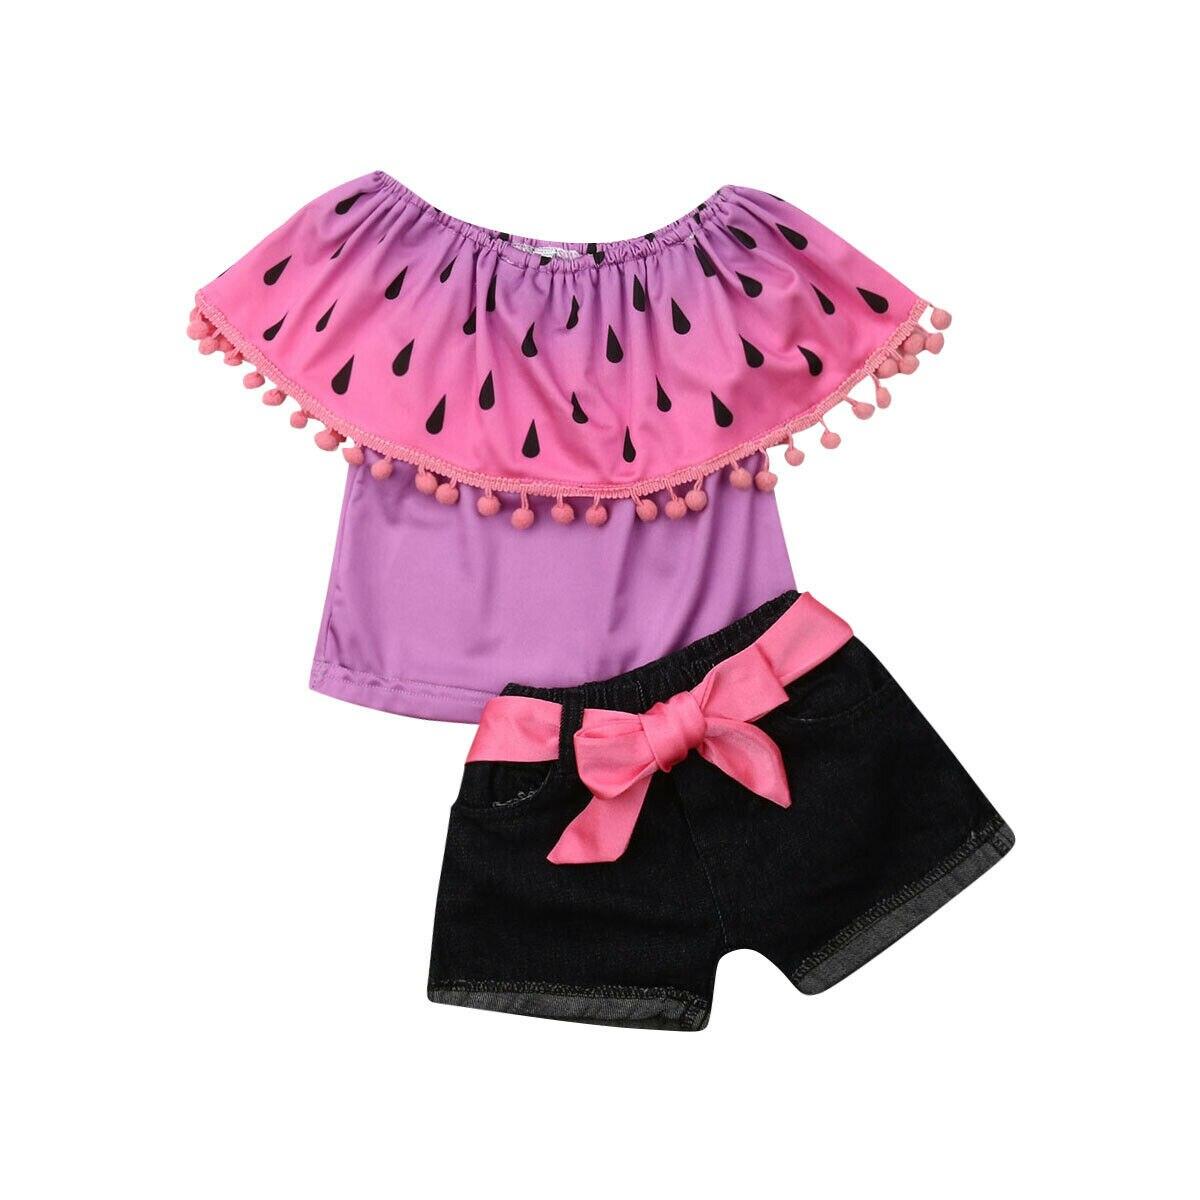 1-6y Sommer Kleinkind Kinder Baby Mädchen Lotus Kragen Wassermelone Tops Denim Shorts Jean 2 Pcs Mode Mädchen Kleidung Set Moderater Preis